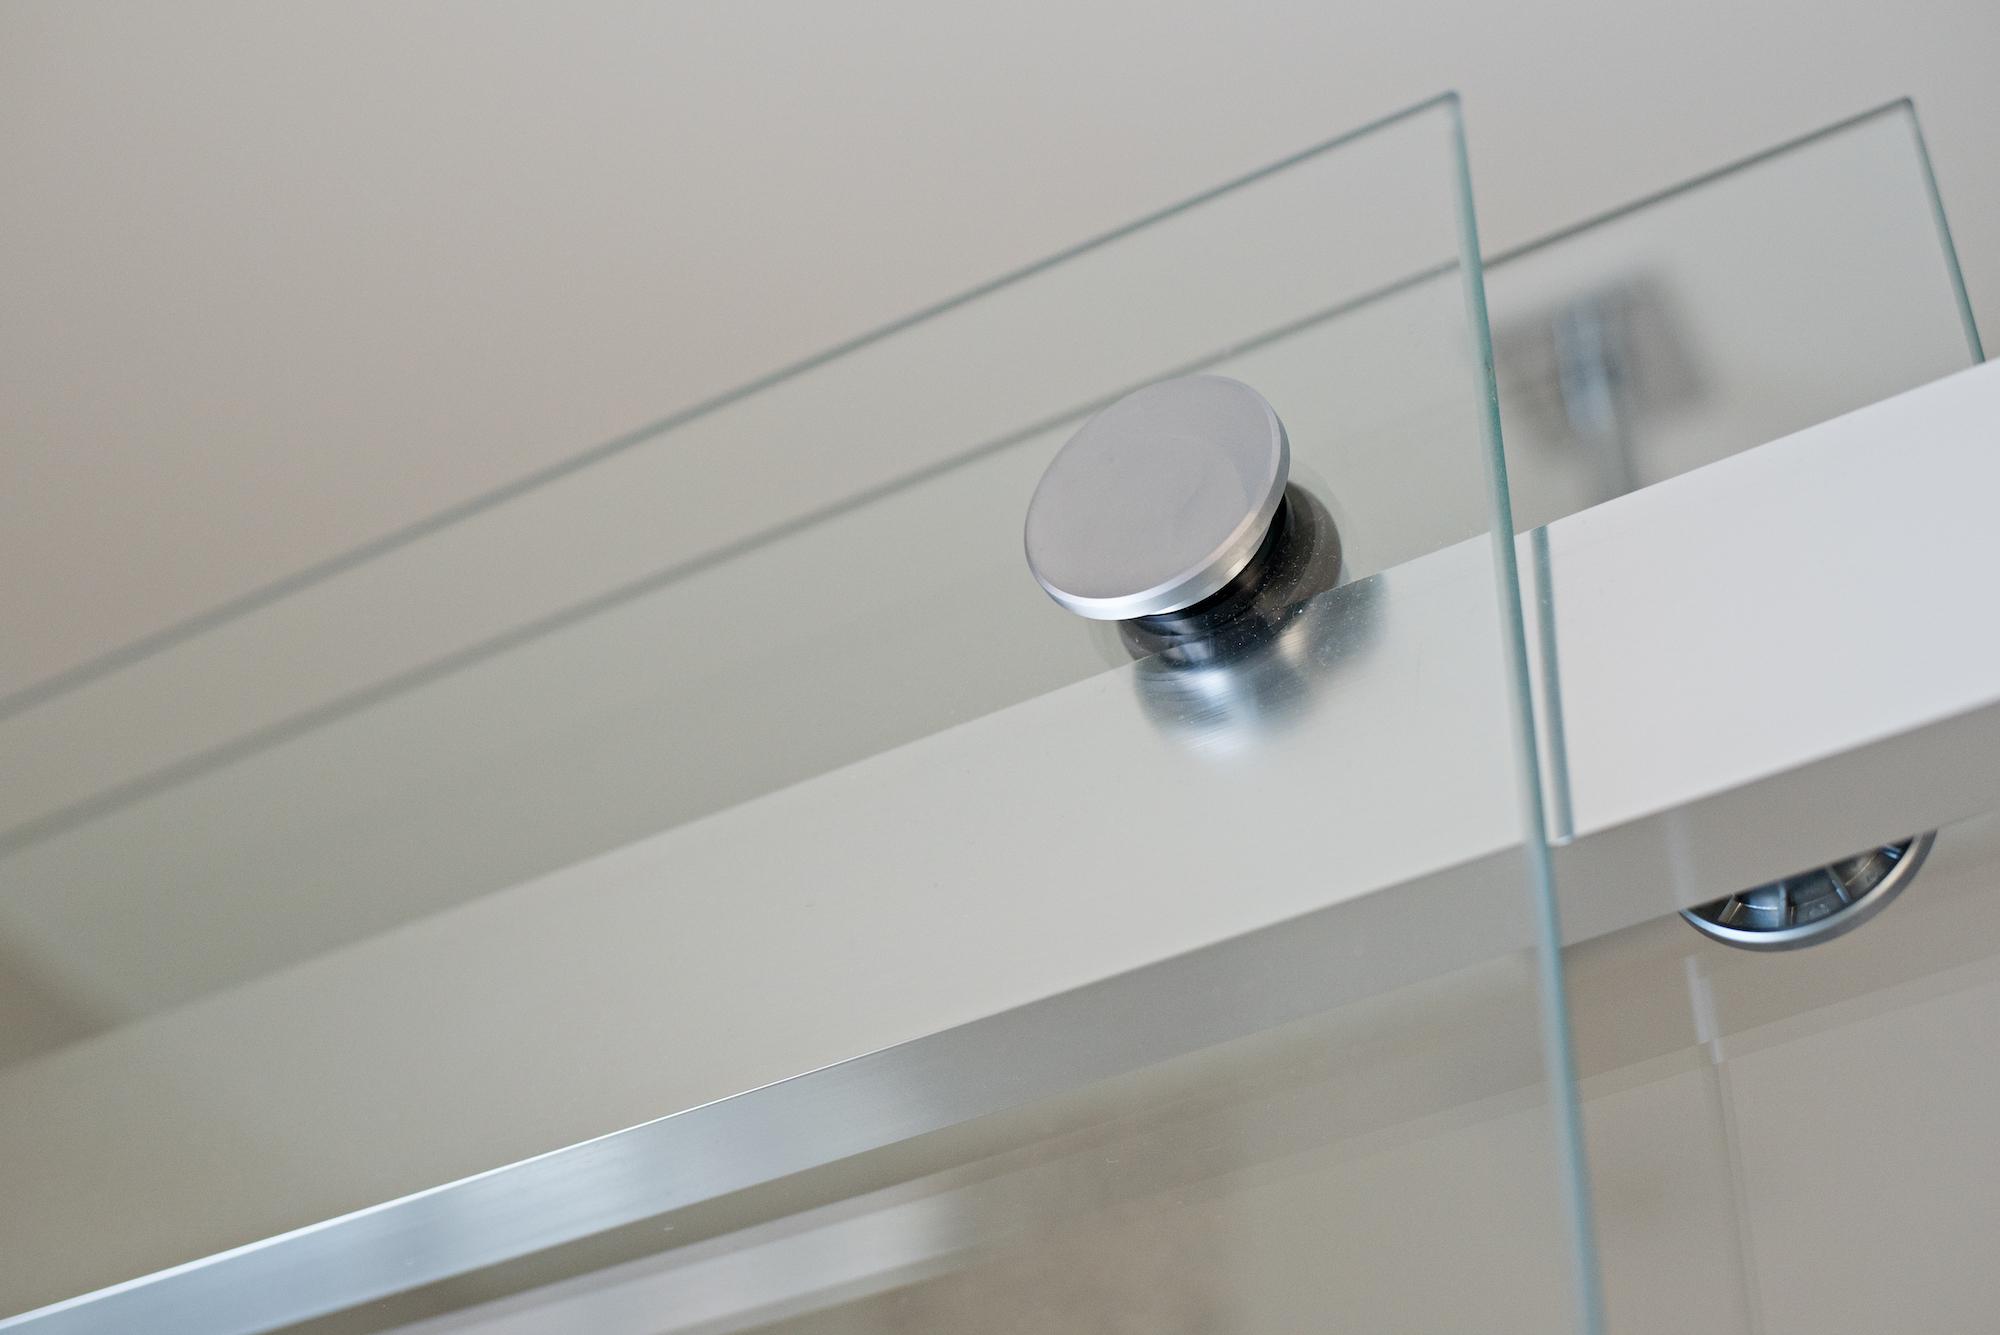 20 Pizzale Design Interior Decorating  bathroom elegant clean simple beige white.jpg